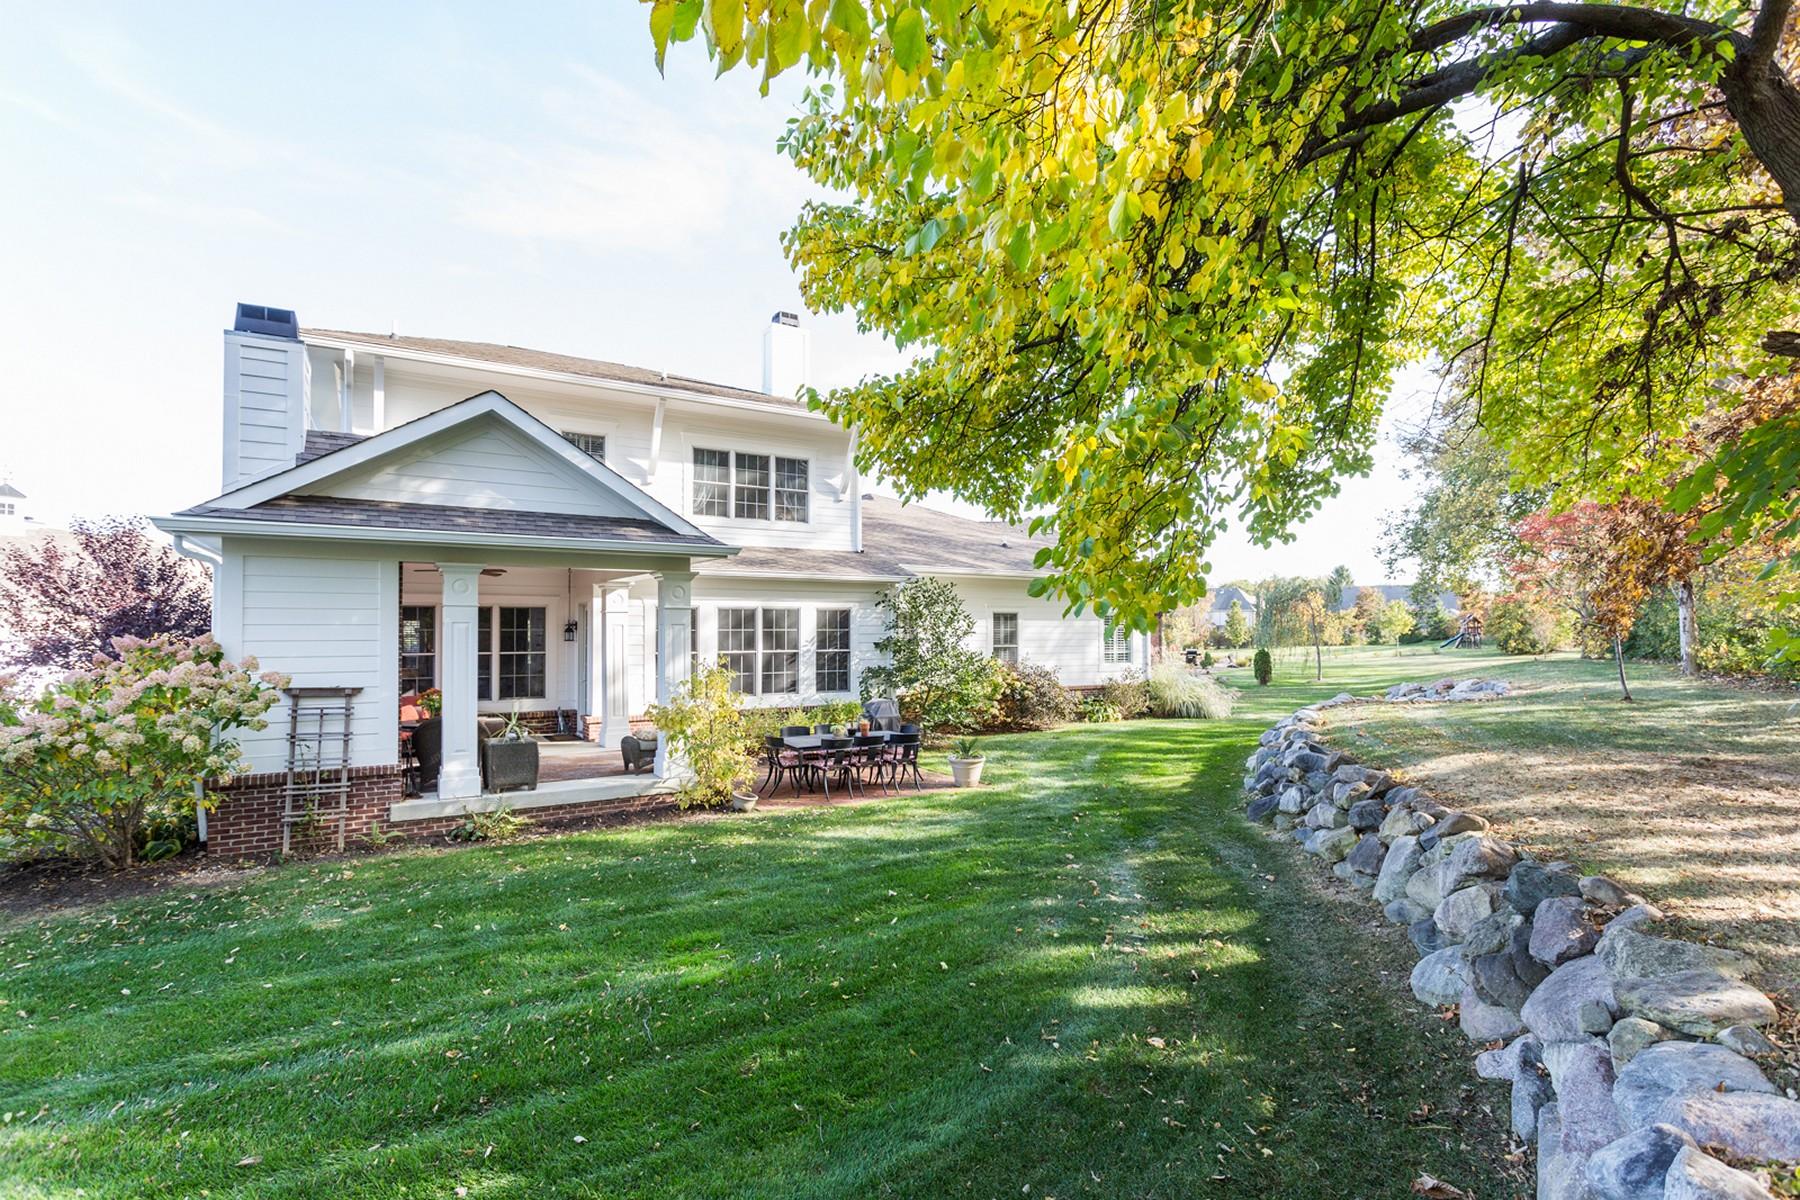 独户住宅 为 销售 在 Fine Architectural Details 5307 Randolph Crescent 卡梅尔, 印第安纳州, 46033 美国